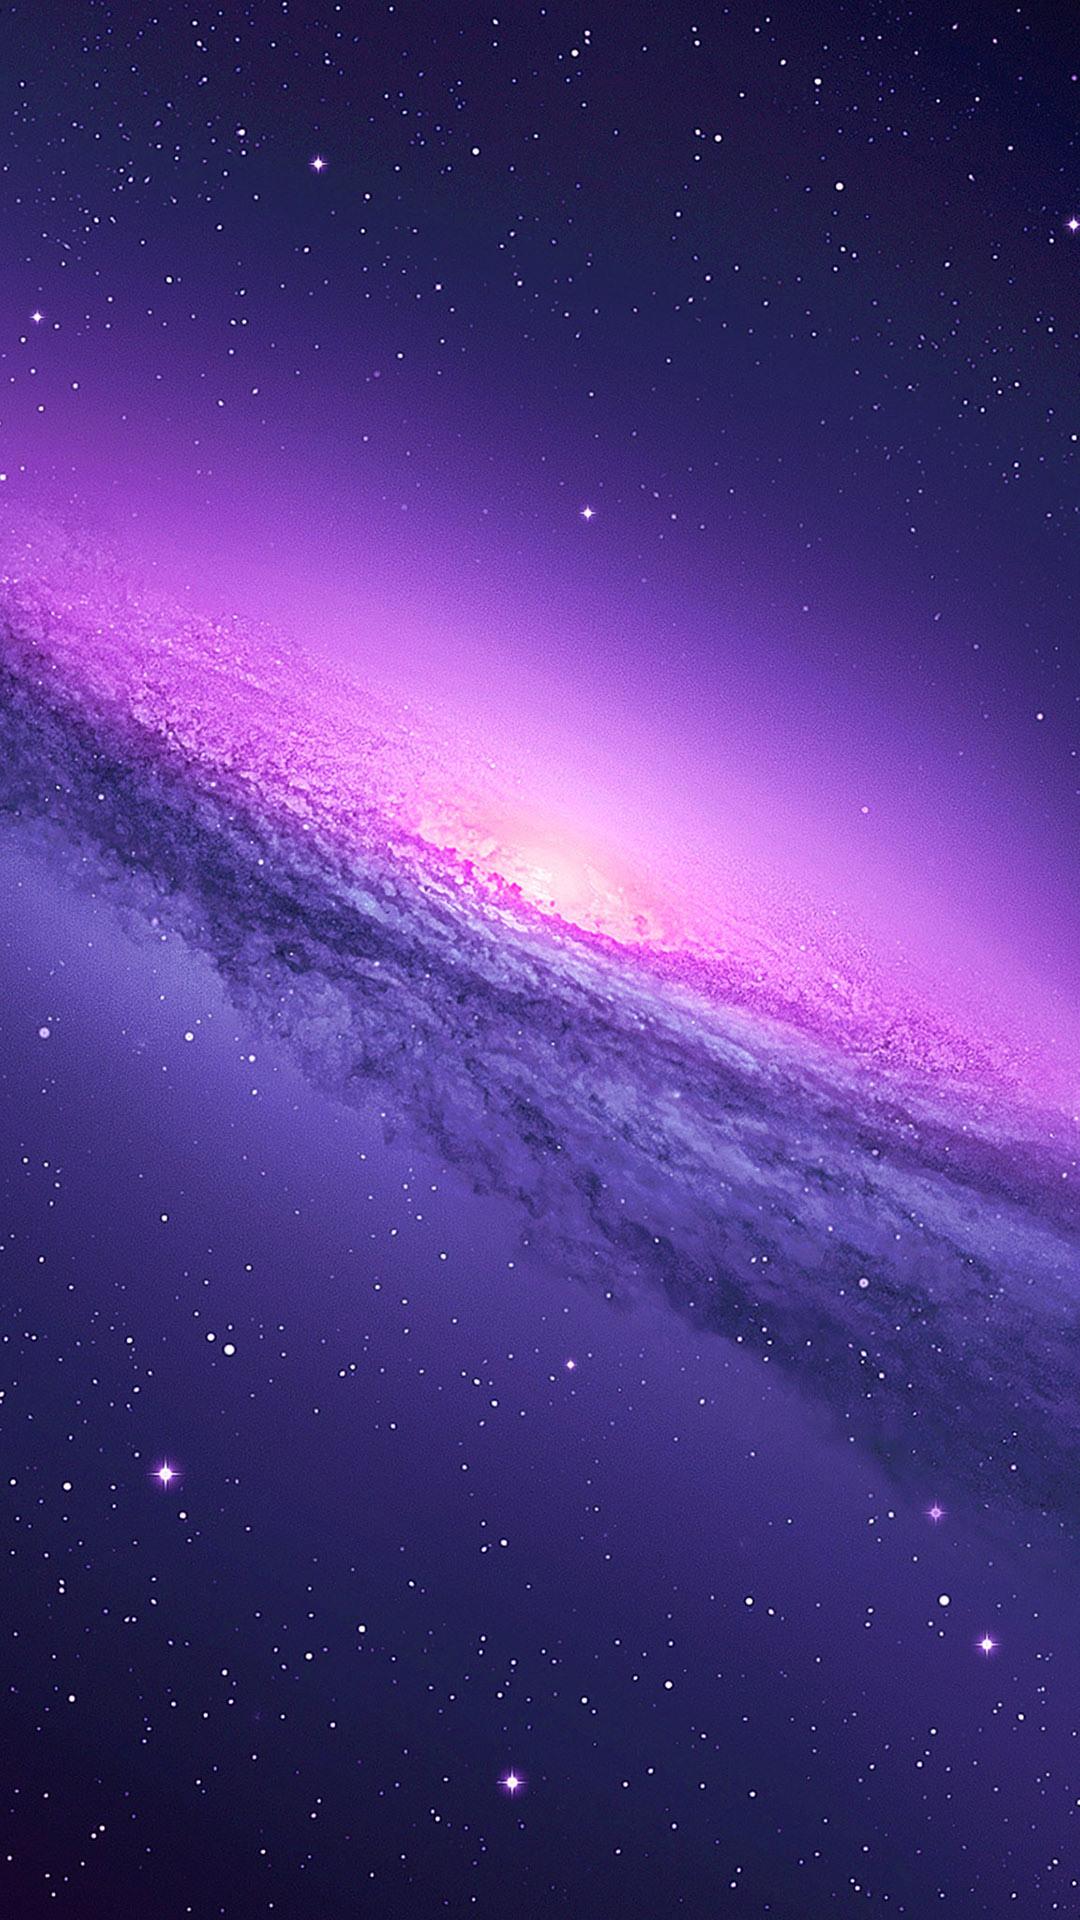 Purple Galaxy iphone 6 wallpaper ilikewallpaper com 1080x1920